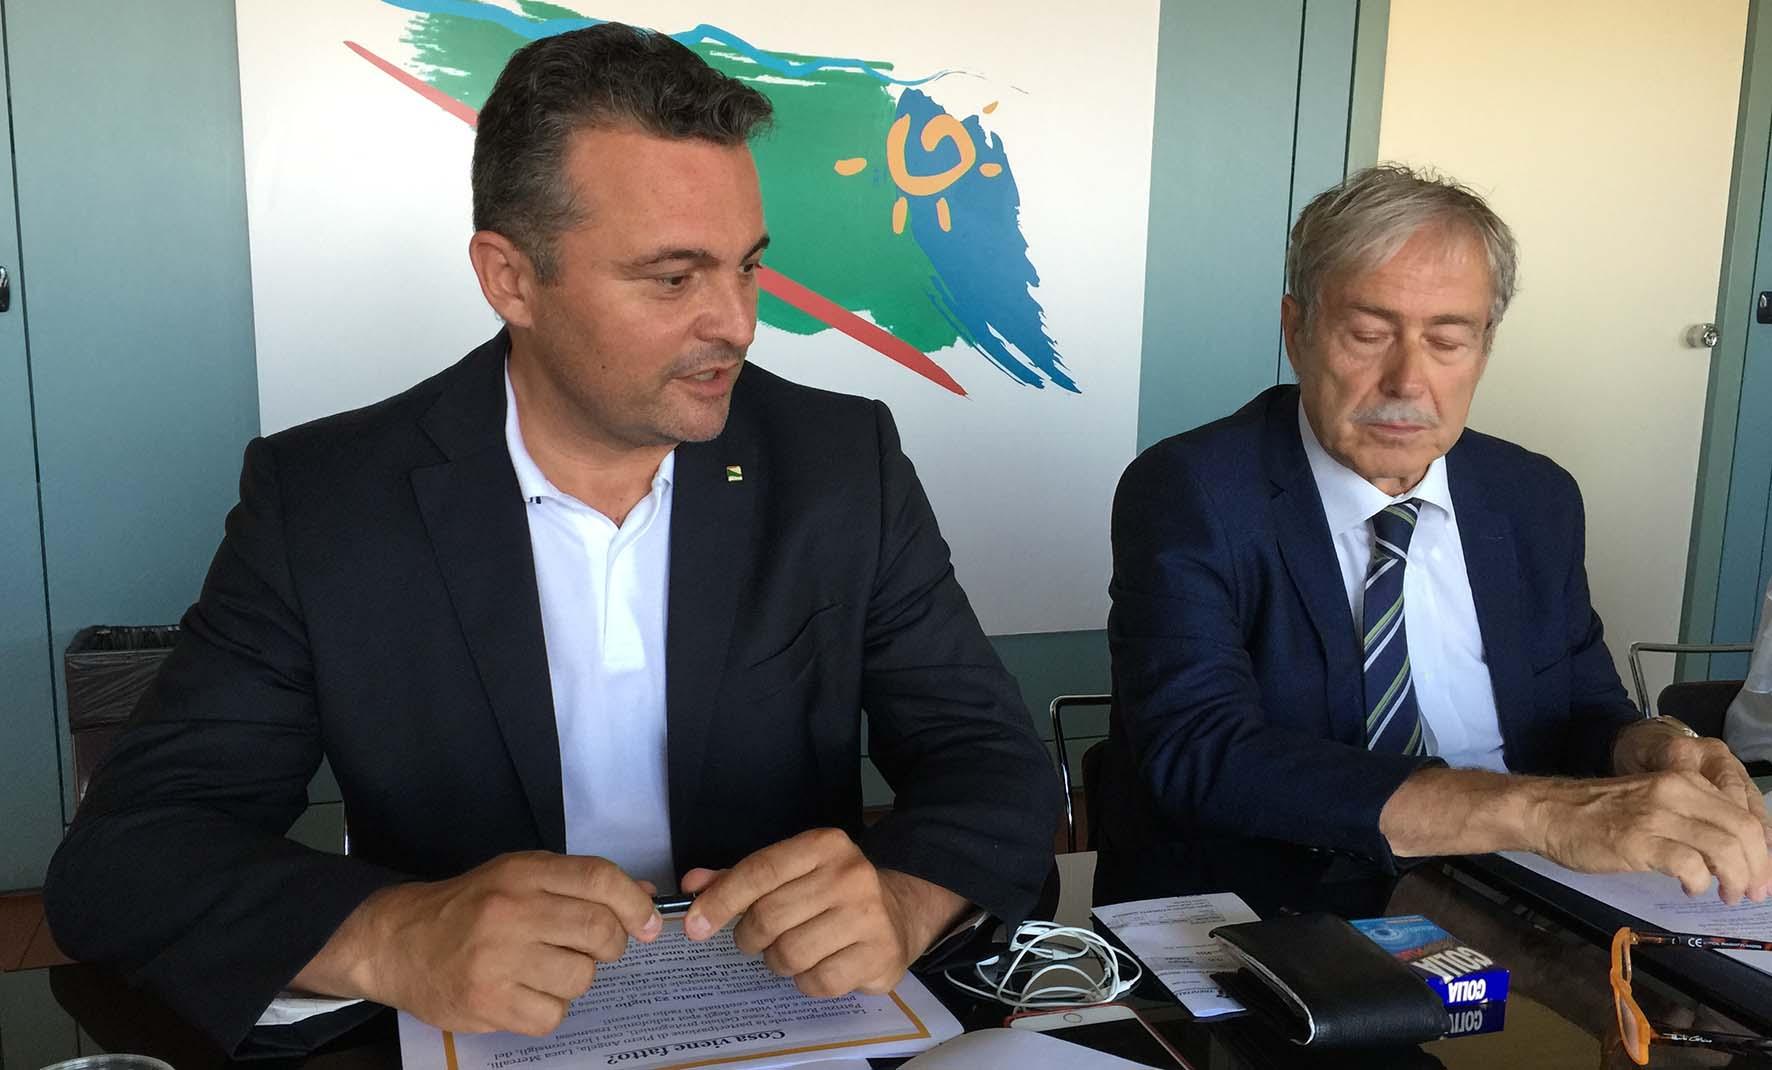 Conferenza stampa vacanze coi Fiocchi ass raffaele donini e pres osservatorio mauro Sorbi